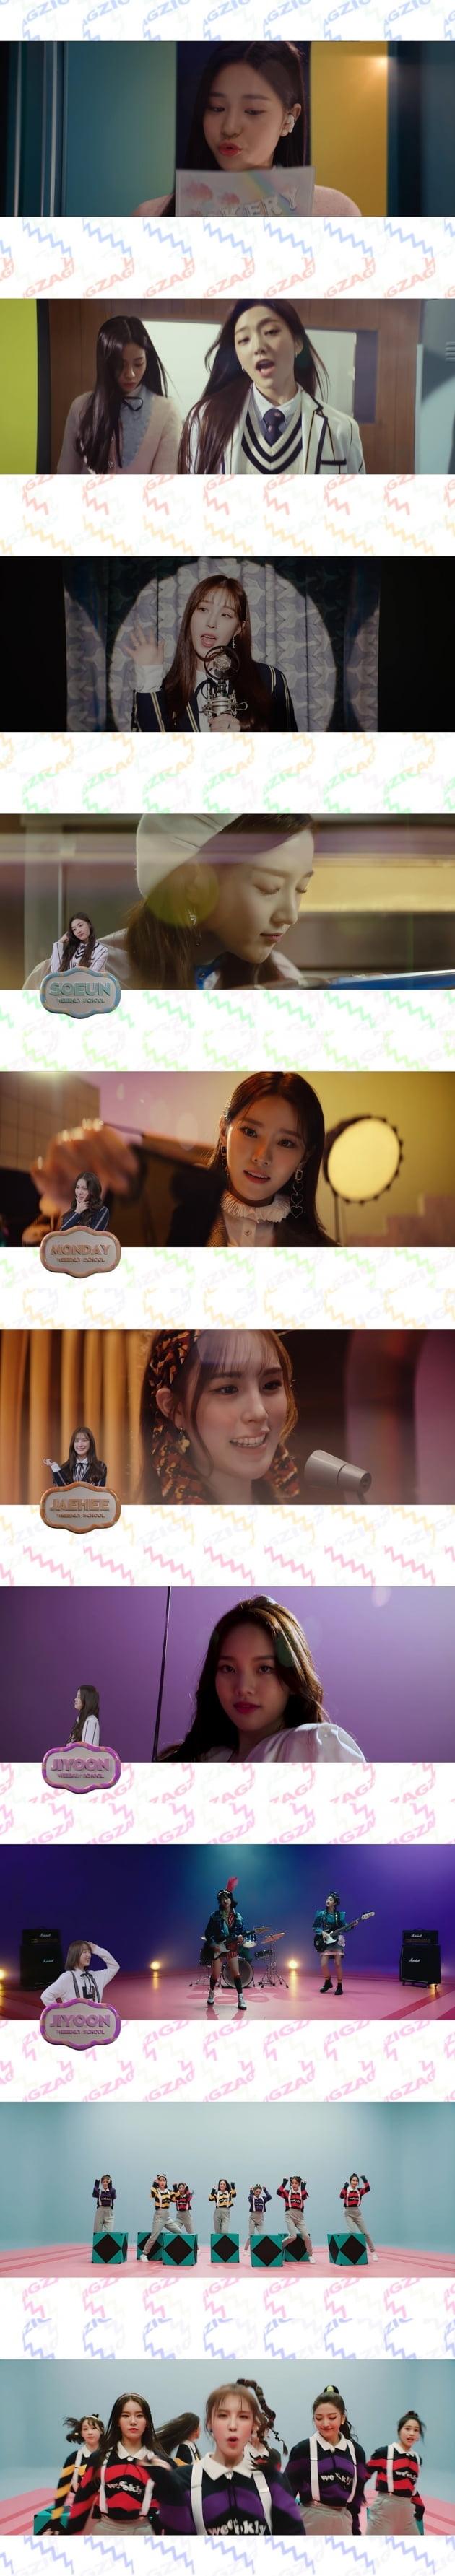 사진 = 위클리 '지그재그' 뮤직비디오 캡처